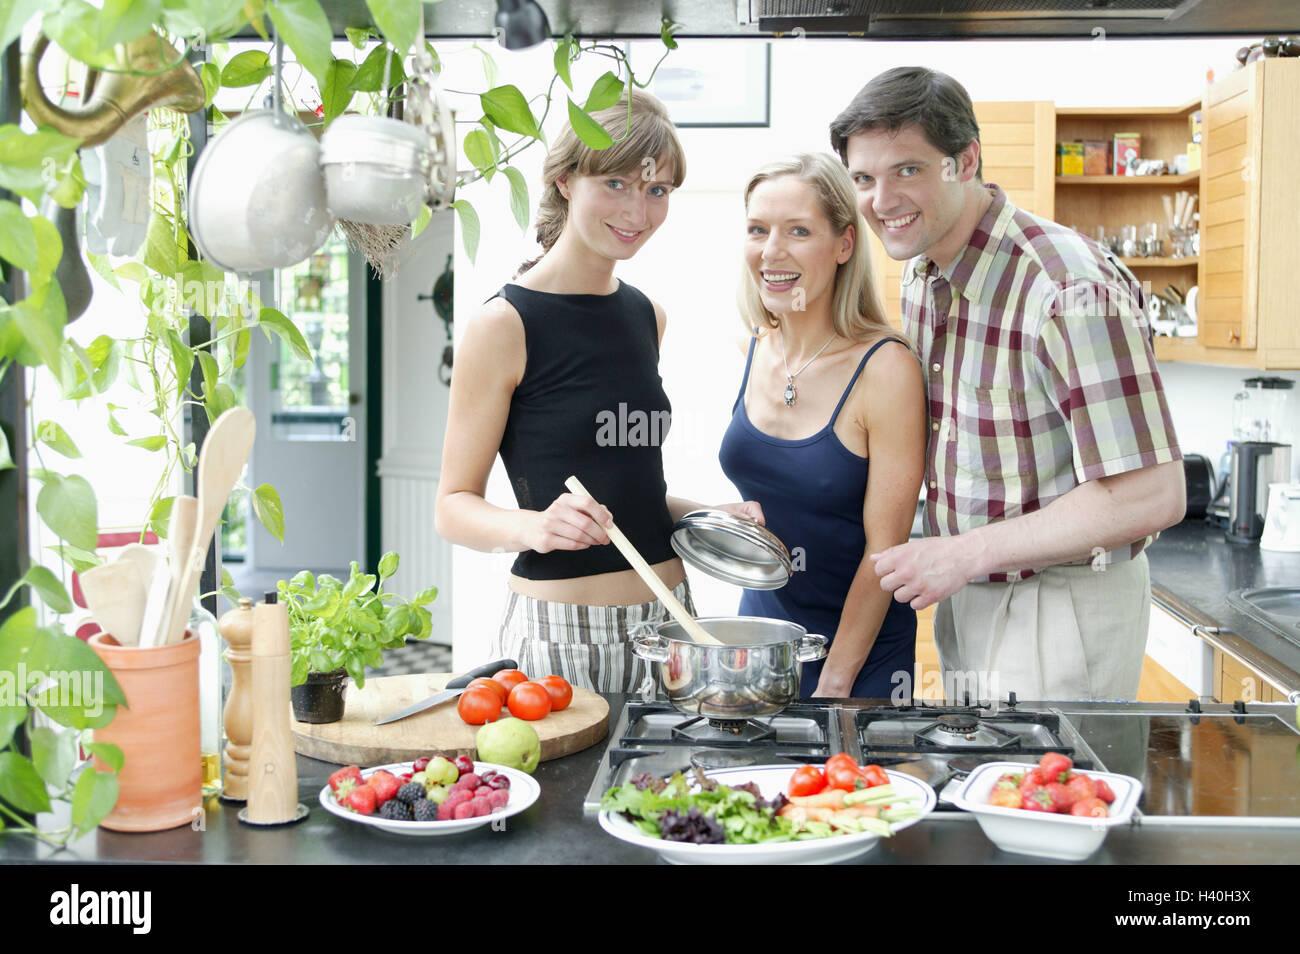 Cucina Anni 30 : Cucina donne uomo felice cucinare insieme a casa di amici tre